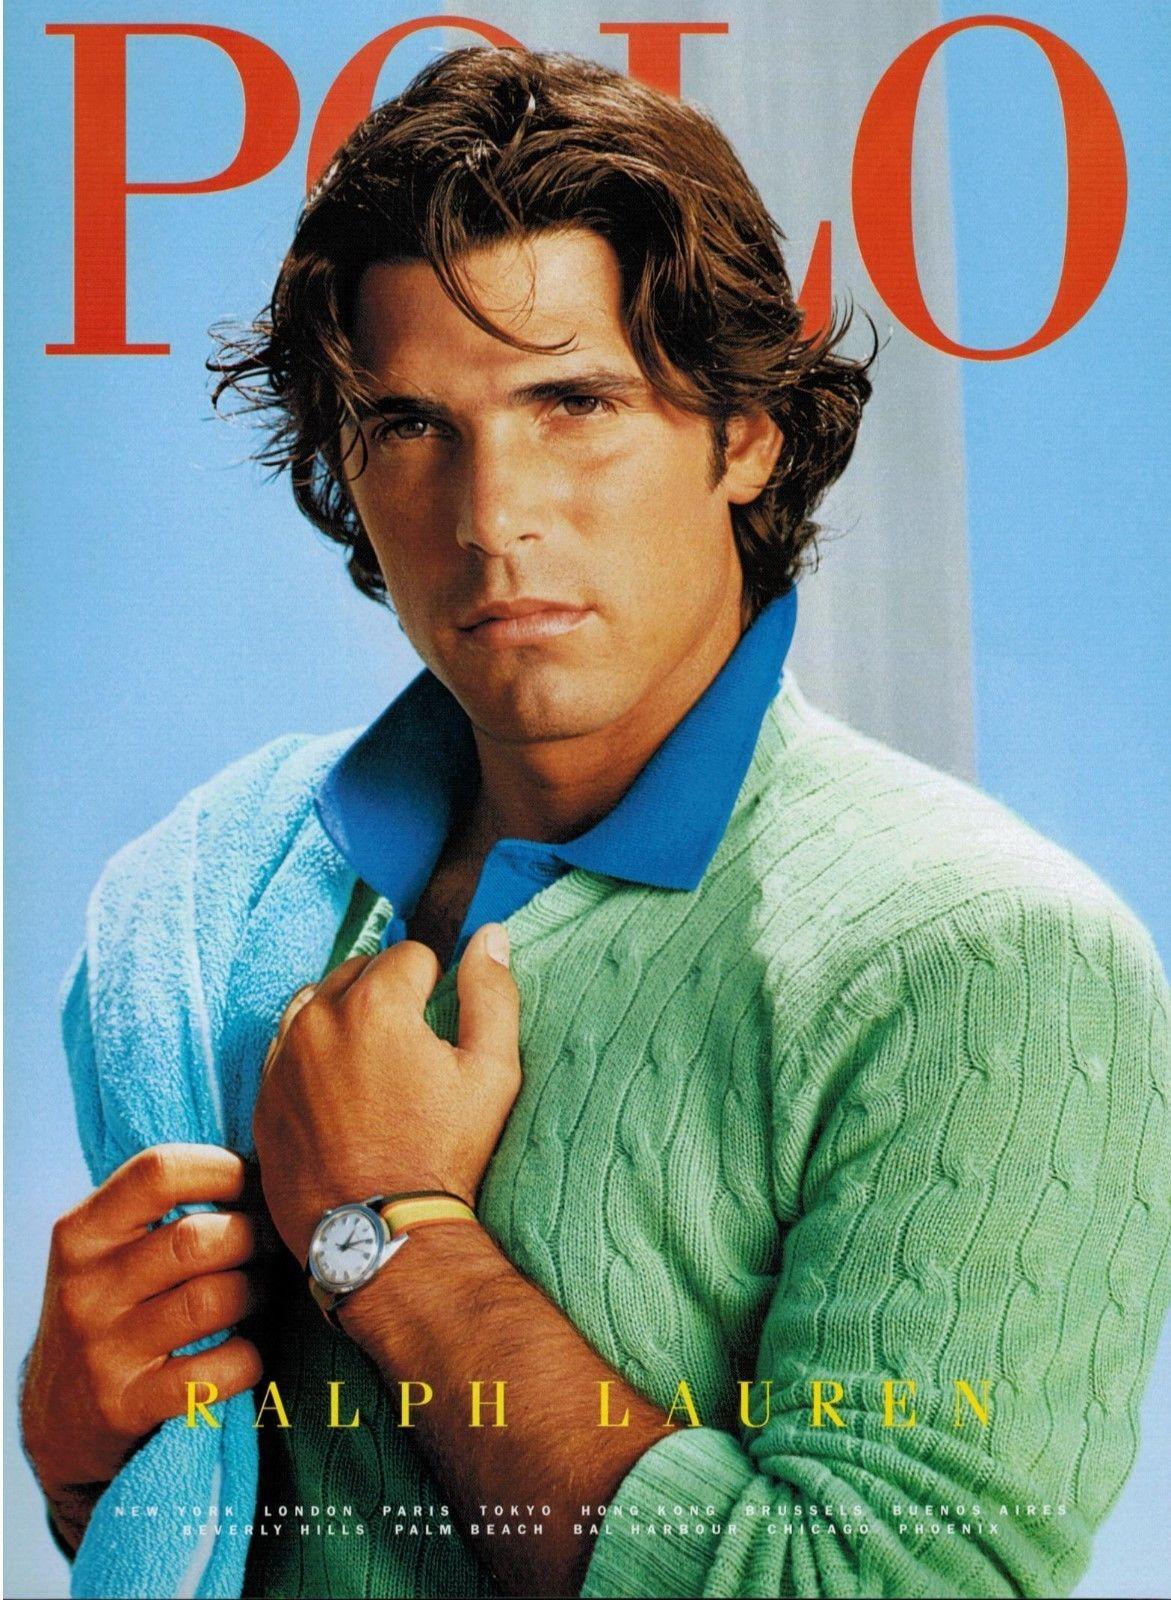 2003 Polo By Ralph Lauren Nacho Figueras Magazine Print Ad Ebay Polo Ralph Lauren Ralph Lauren Menswear Ralph Lauren